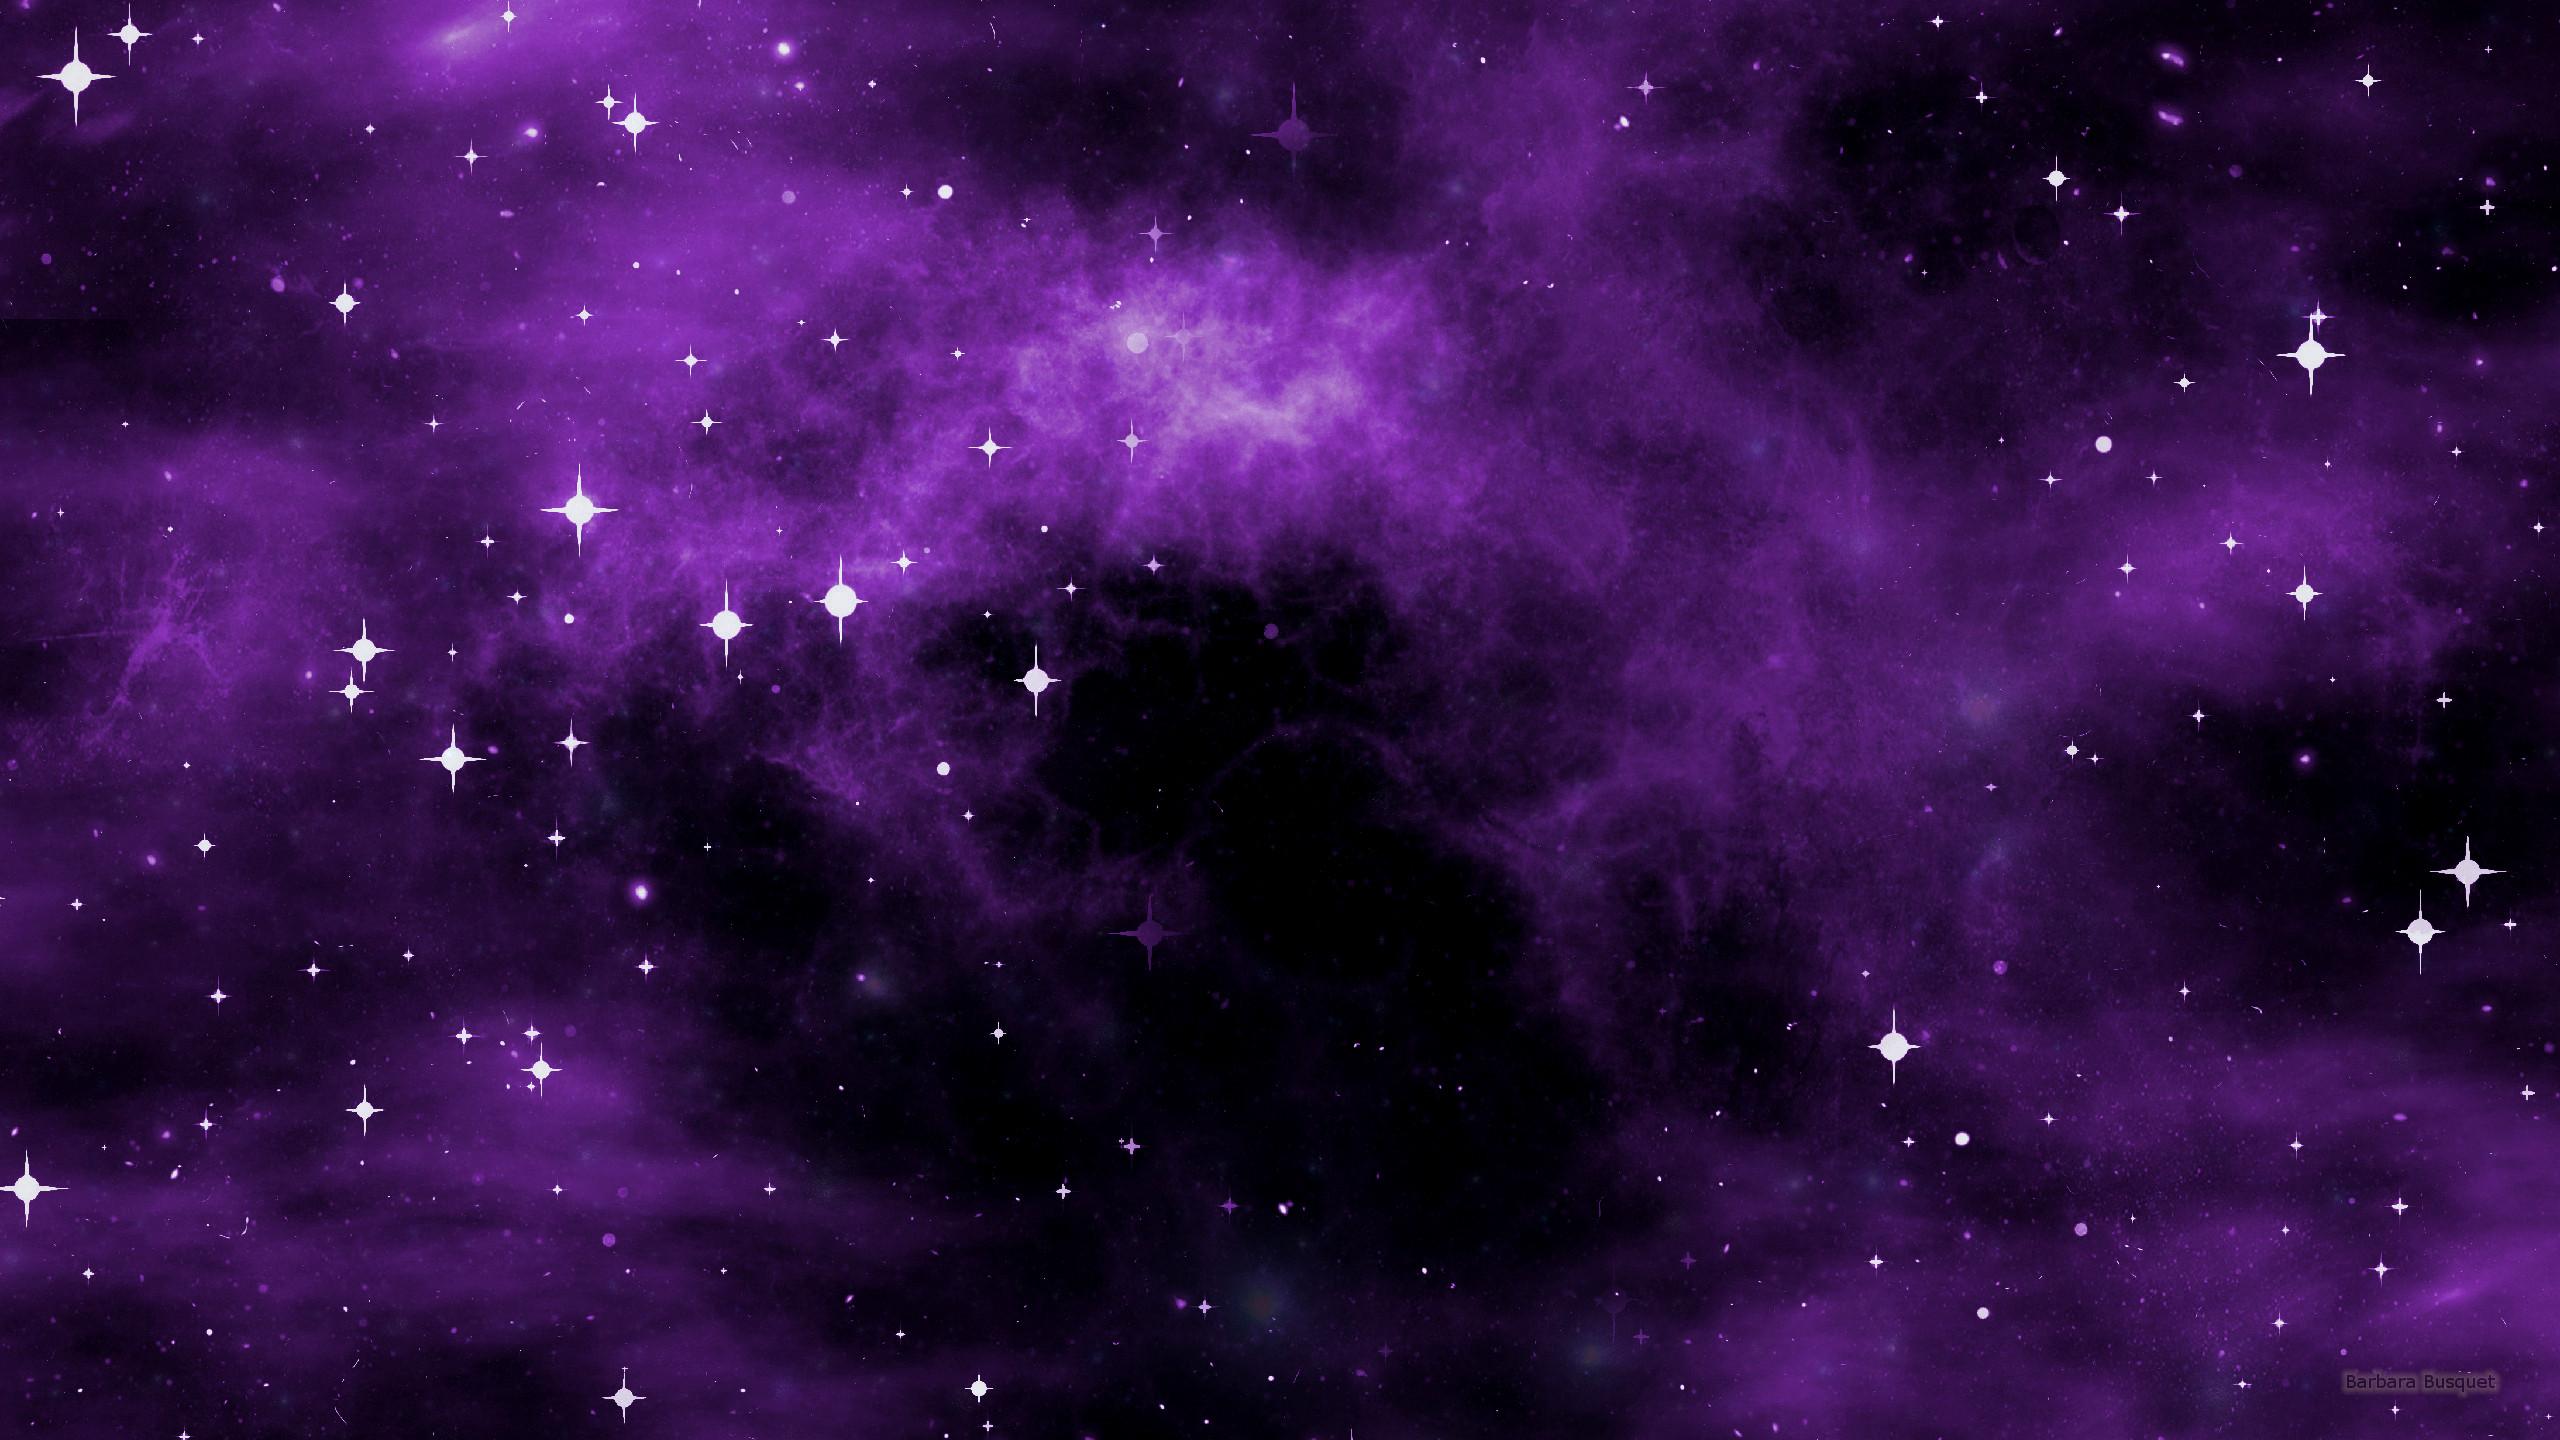 Galaxy wallpaper with purple nebula 1